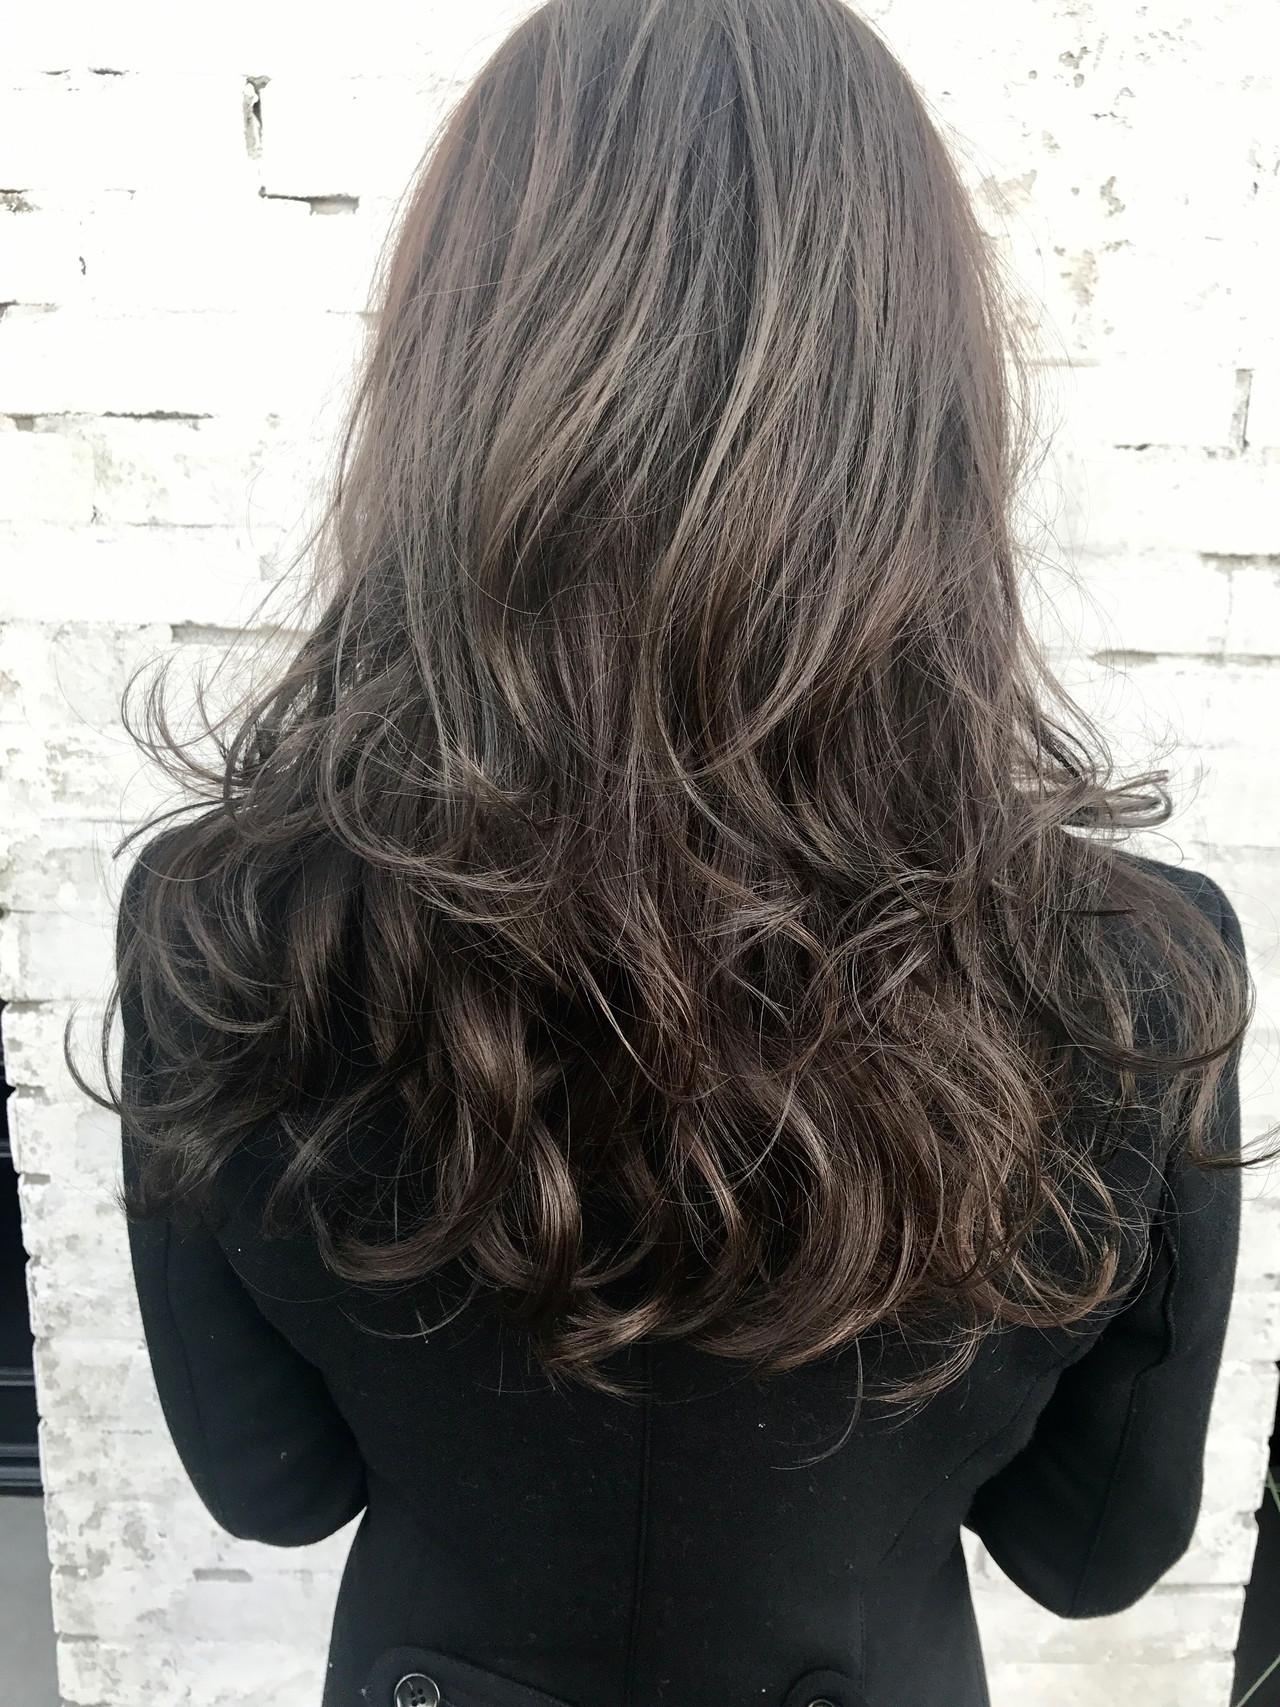 モード ロング ハイライト ブリーチカラー ヘアスタイルや髪型の写真・画像